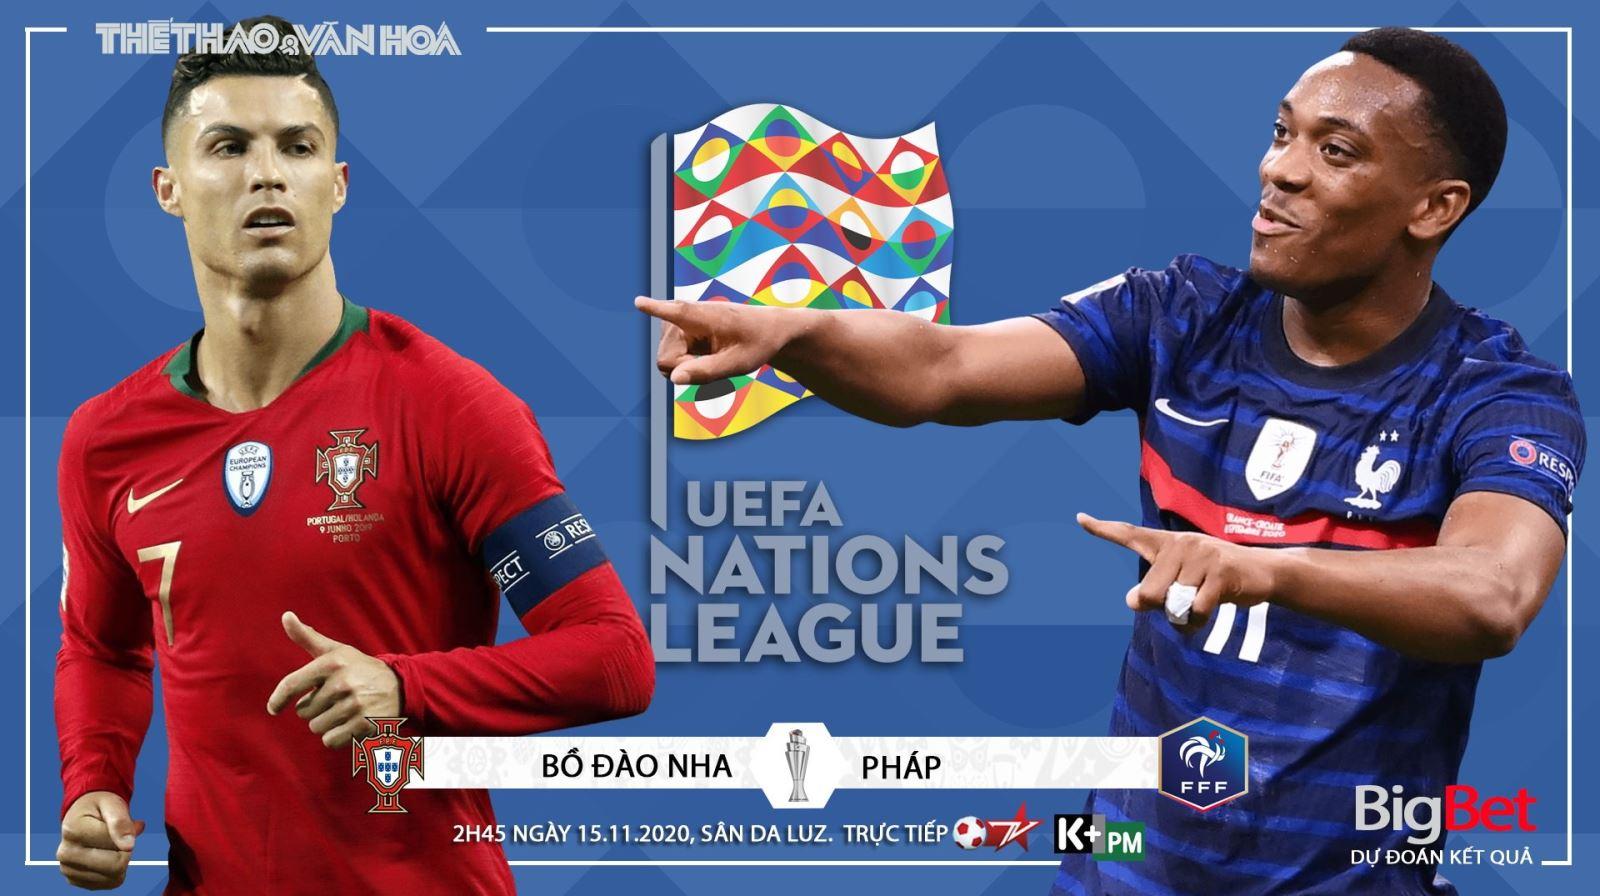 Soi kèo nhà cáiBồ Đào Nha vs Pháp. Vòng bảng UEFA Nations League. Trực tiếp K+ PM, BĐTV